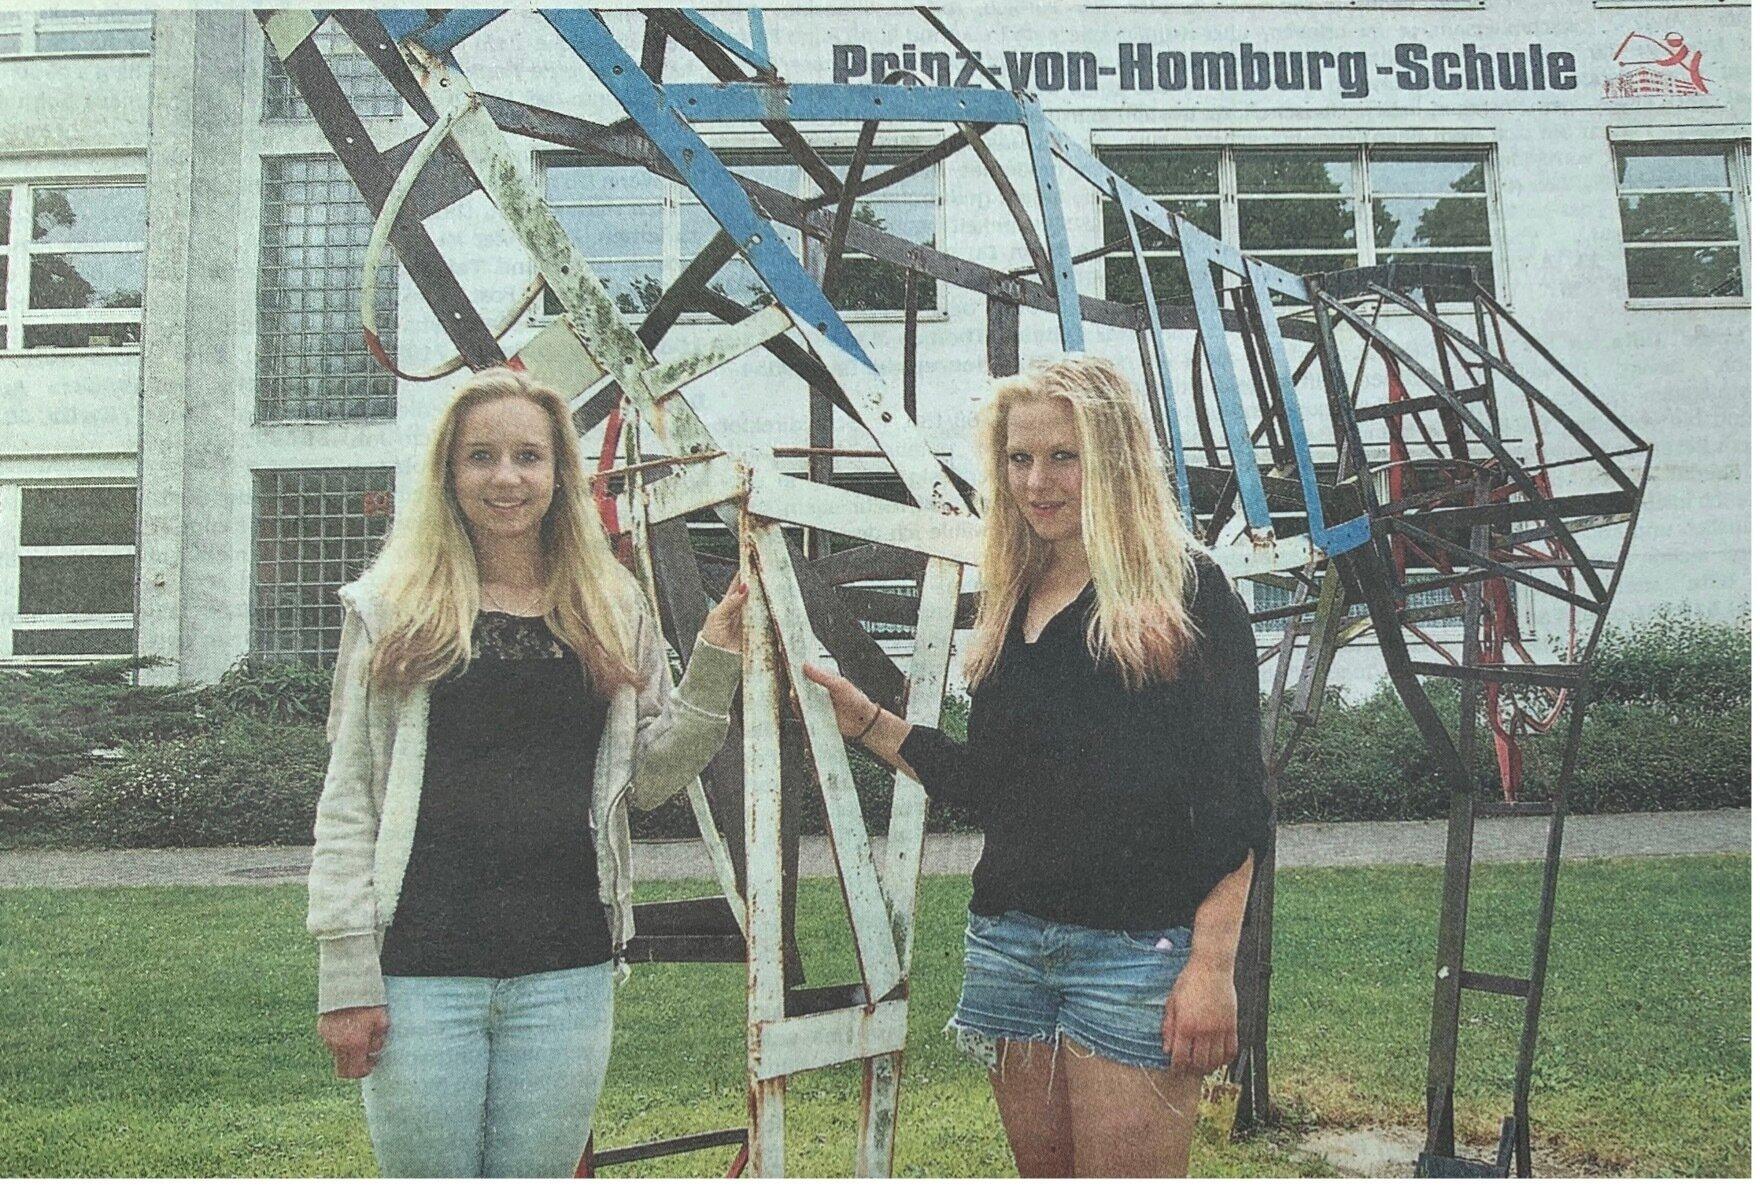 Für die beiden Freundinnen Henrike Stolterfoht (links) aus Berlin und Lara Schulze aus Fürstenberg ist ein Traum in Erfüllung gegangen